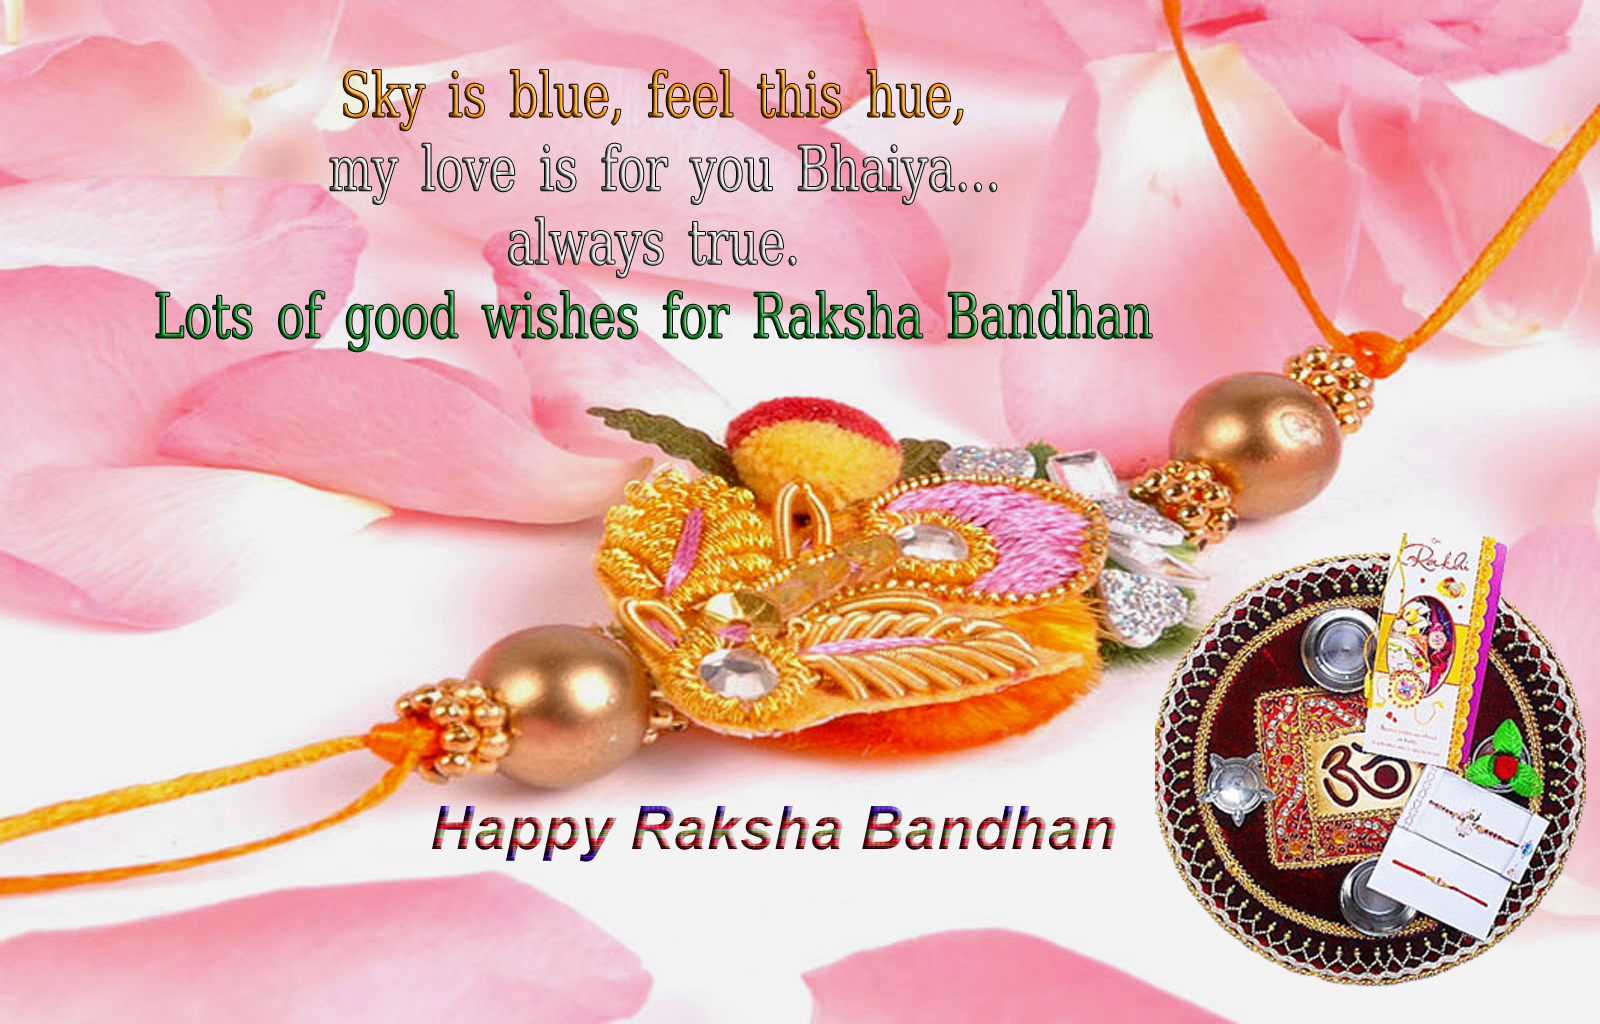 Happy Raksha Bandhan HD Images, Wallpapers for Whatsapp DP